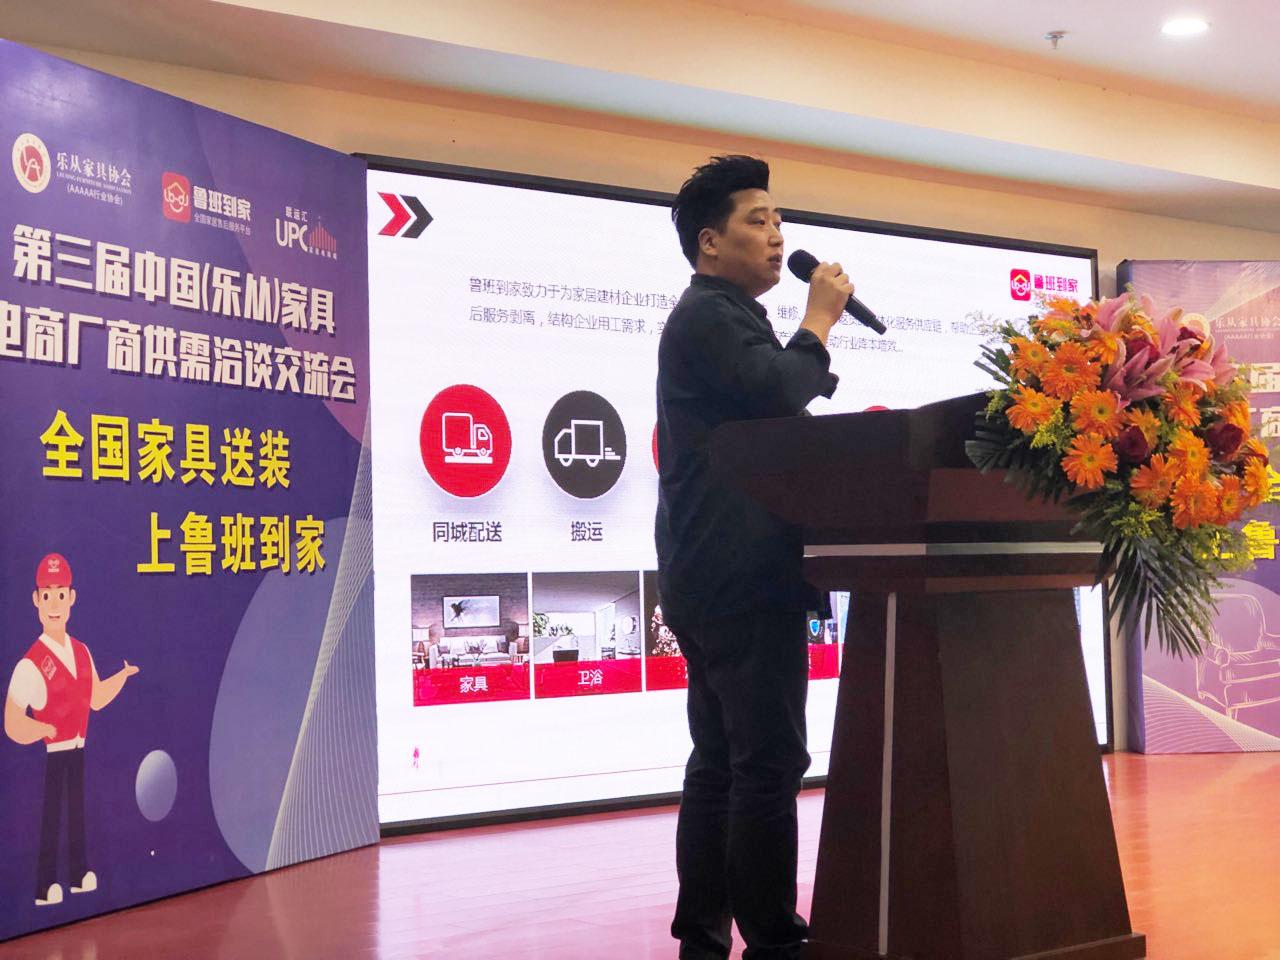 鲁班到家CEO邓崴:家具企业如何通过服务实现末端赋能!